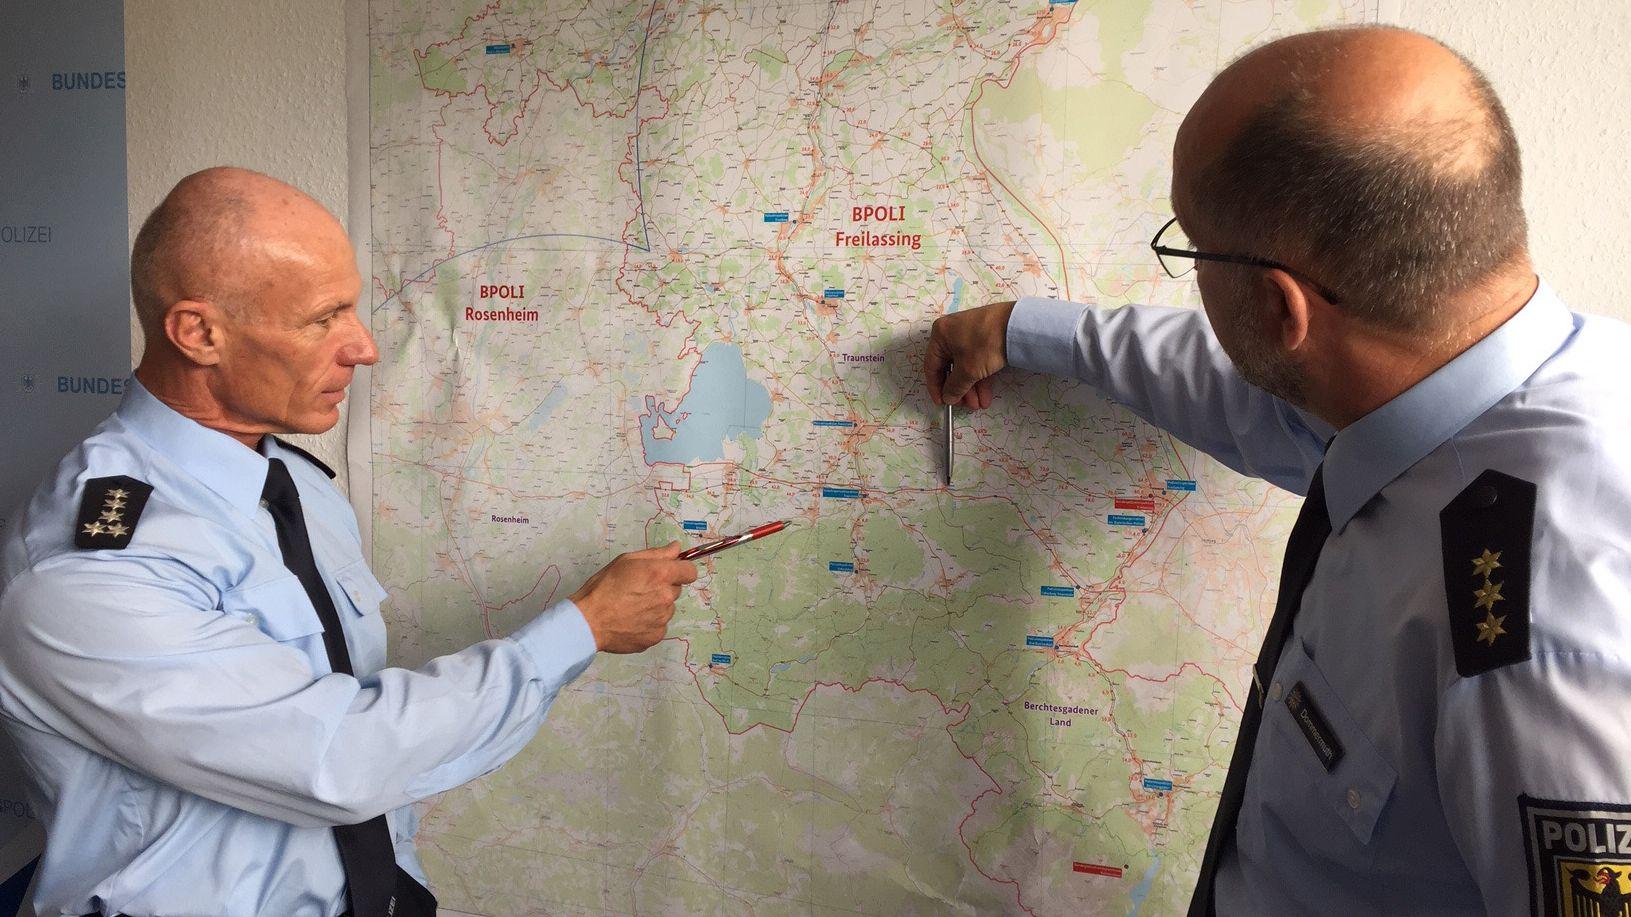 Ein Sprecher der Bundespolizei zeigt auf einer Landkarte den Grenzübergangsbereich bei Freilassing